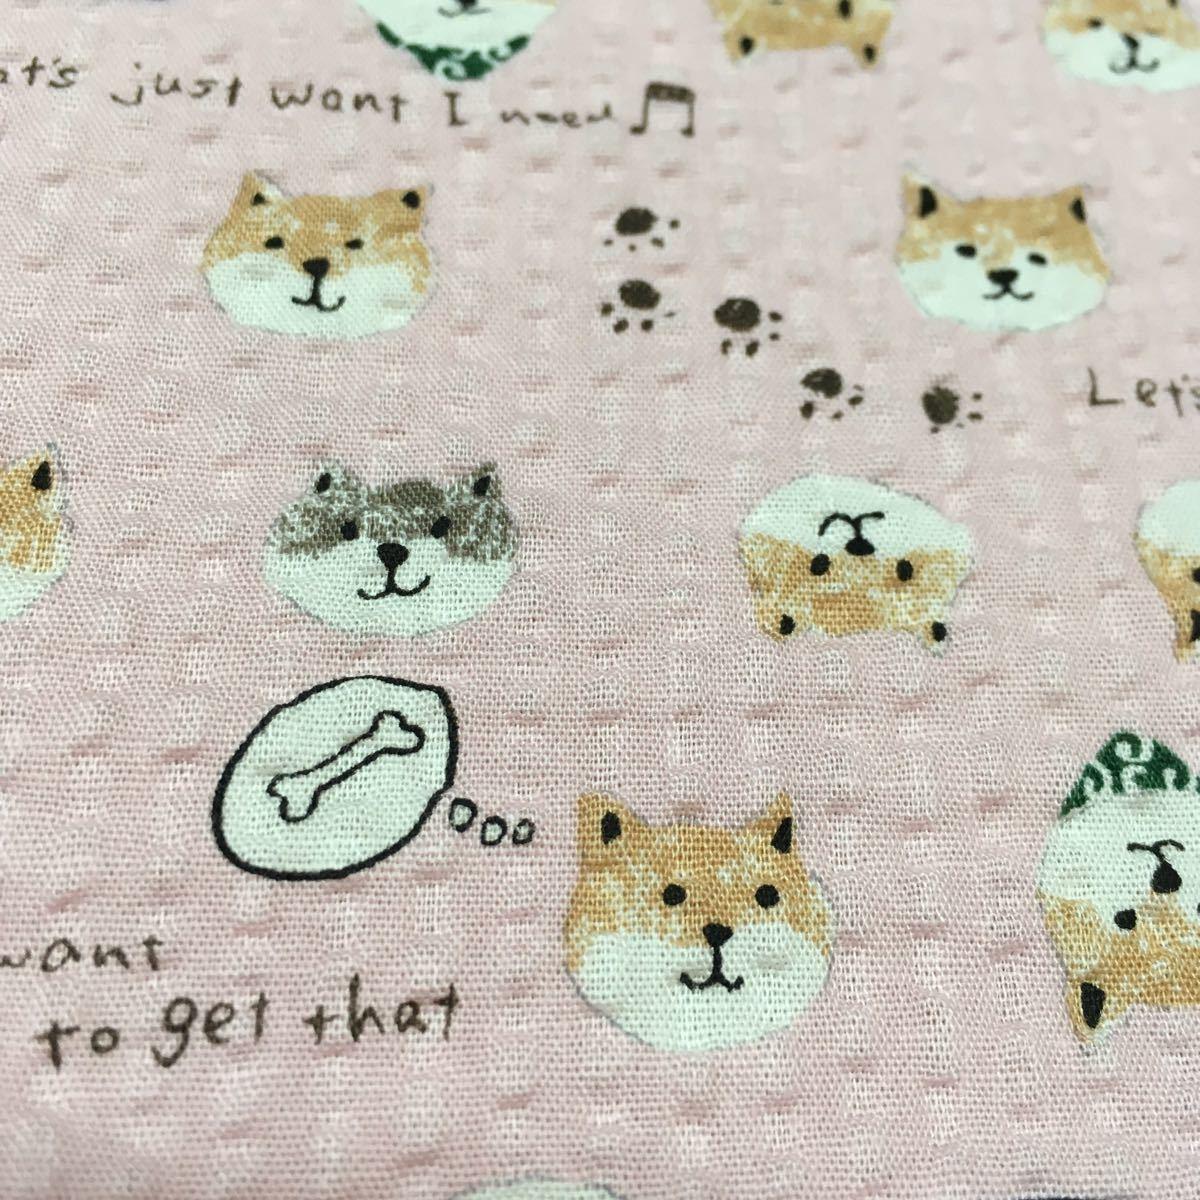 リップル生地 柴犬 ピンク リップル ハンドメイド ハギレ 生地 薄い生地